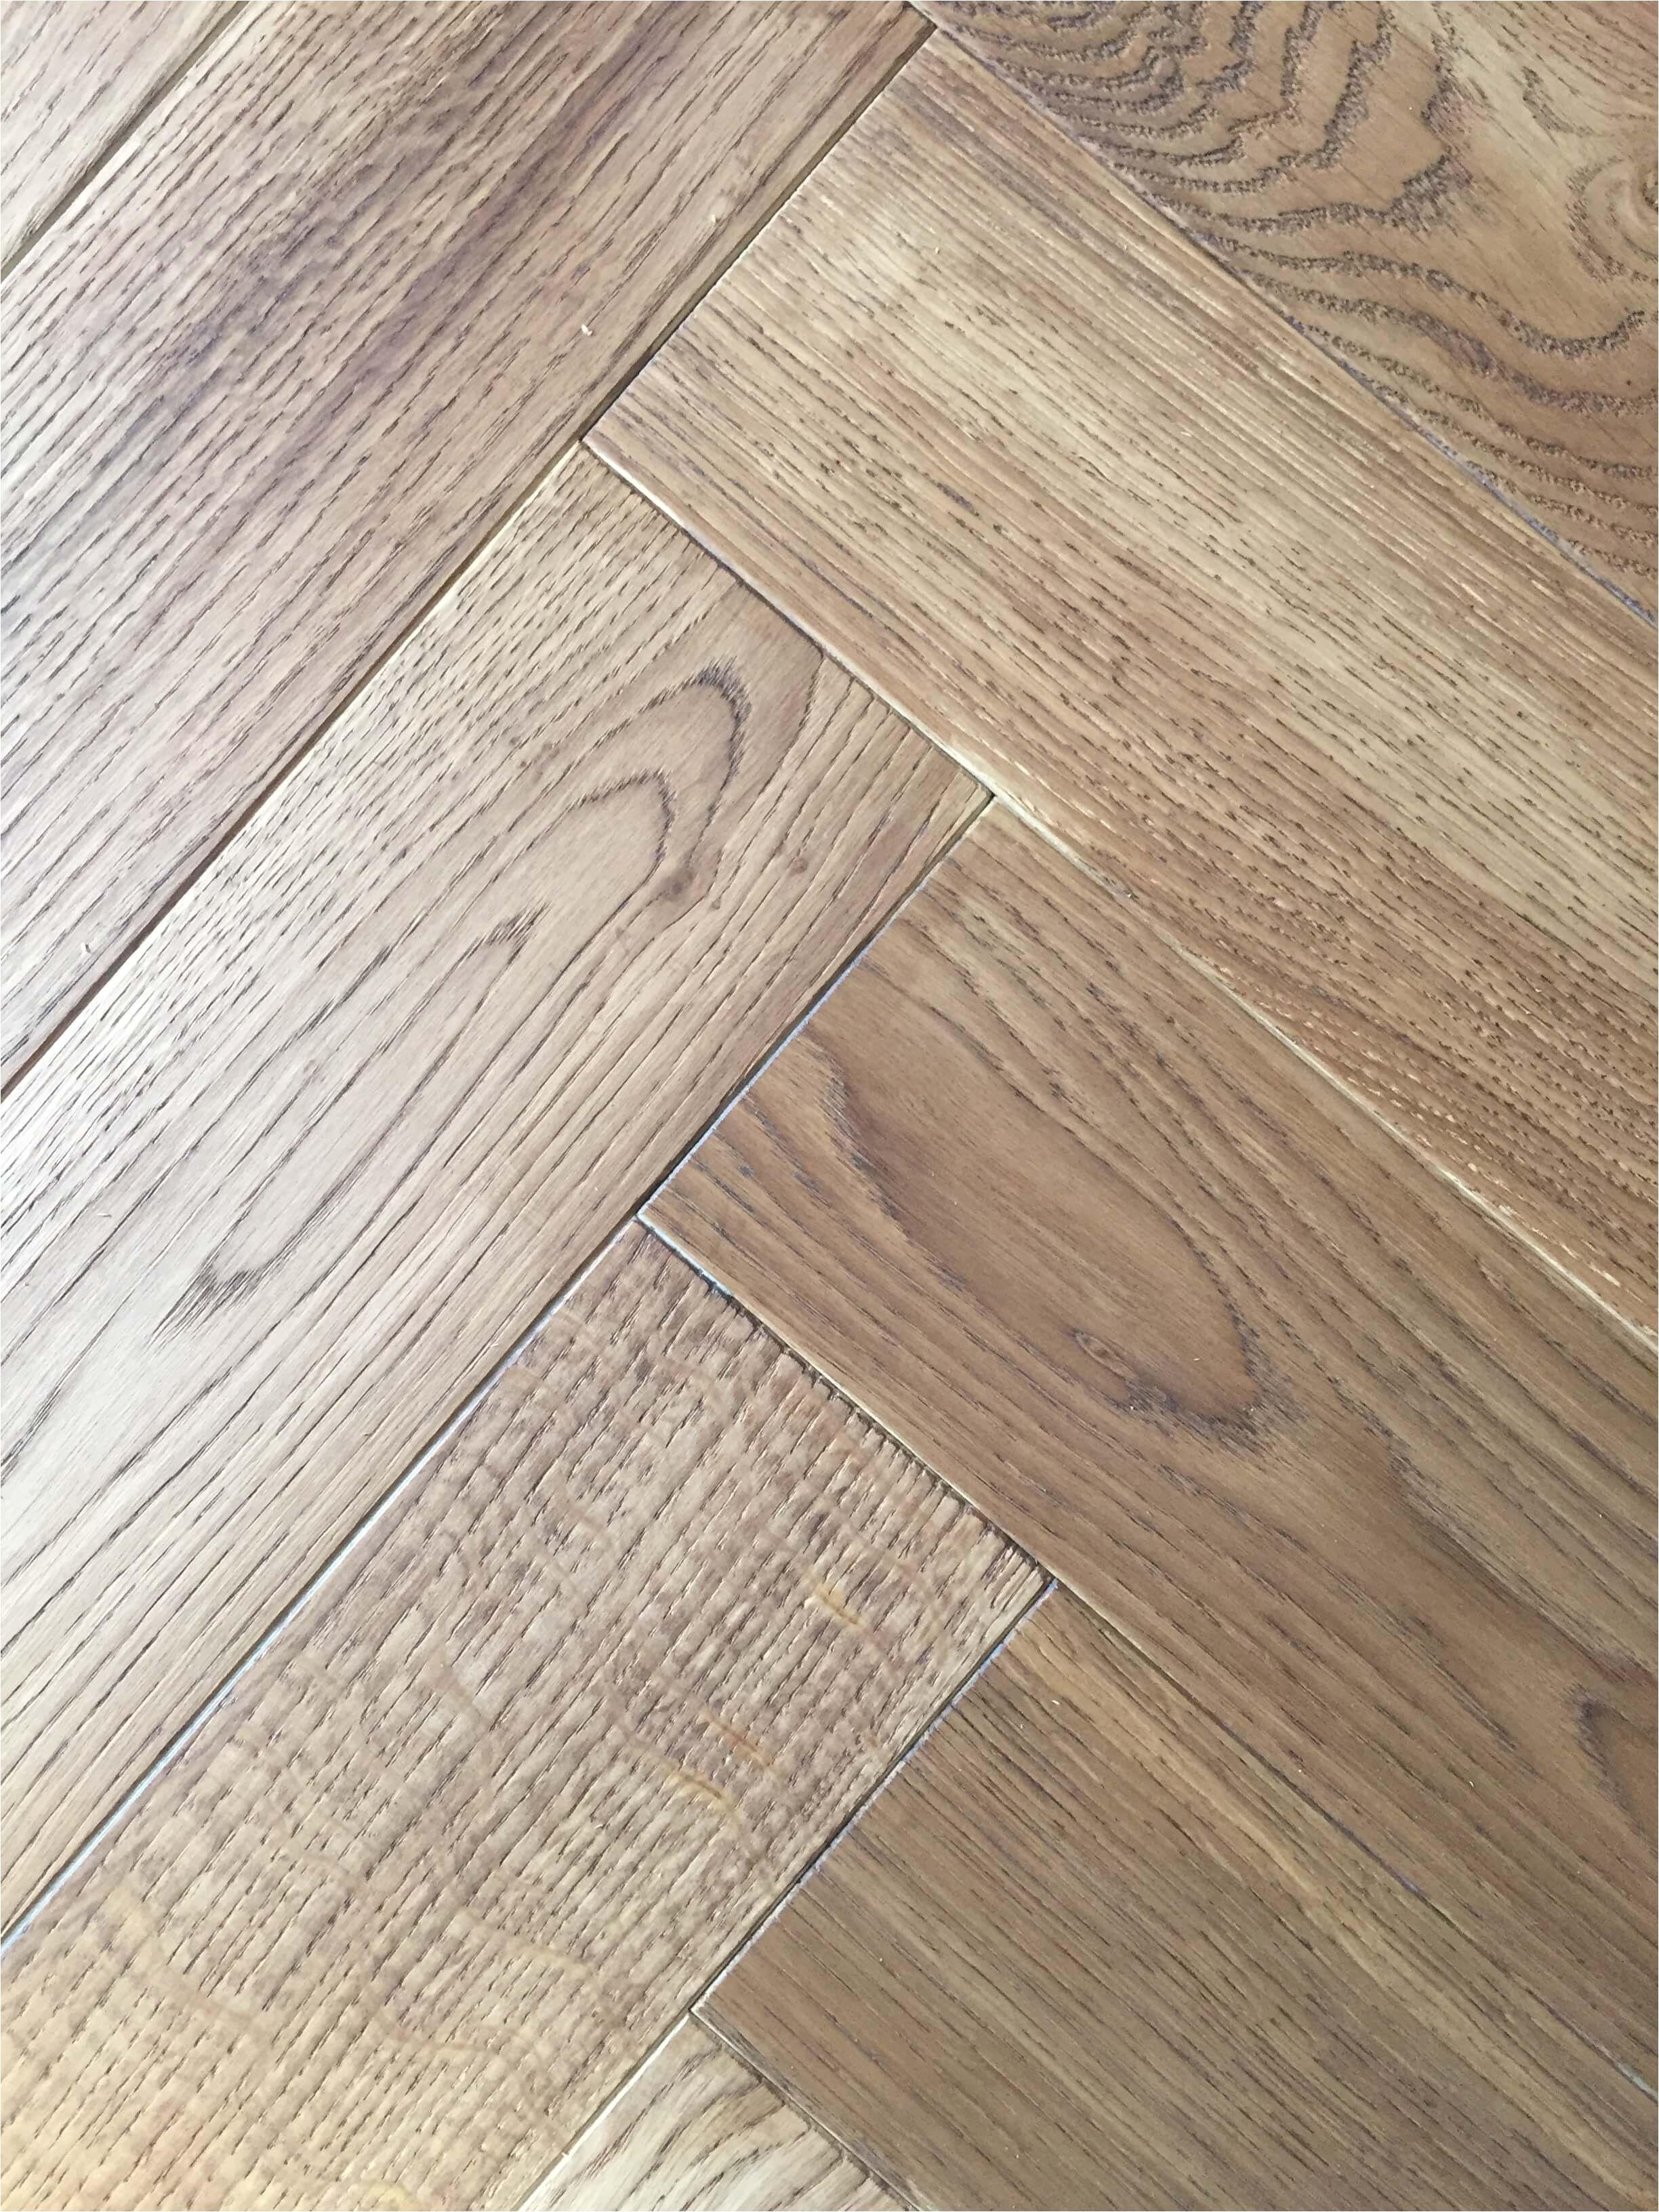 40 light oak engineered hardwood flooring ideas